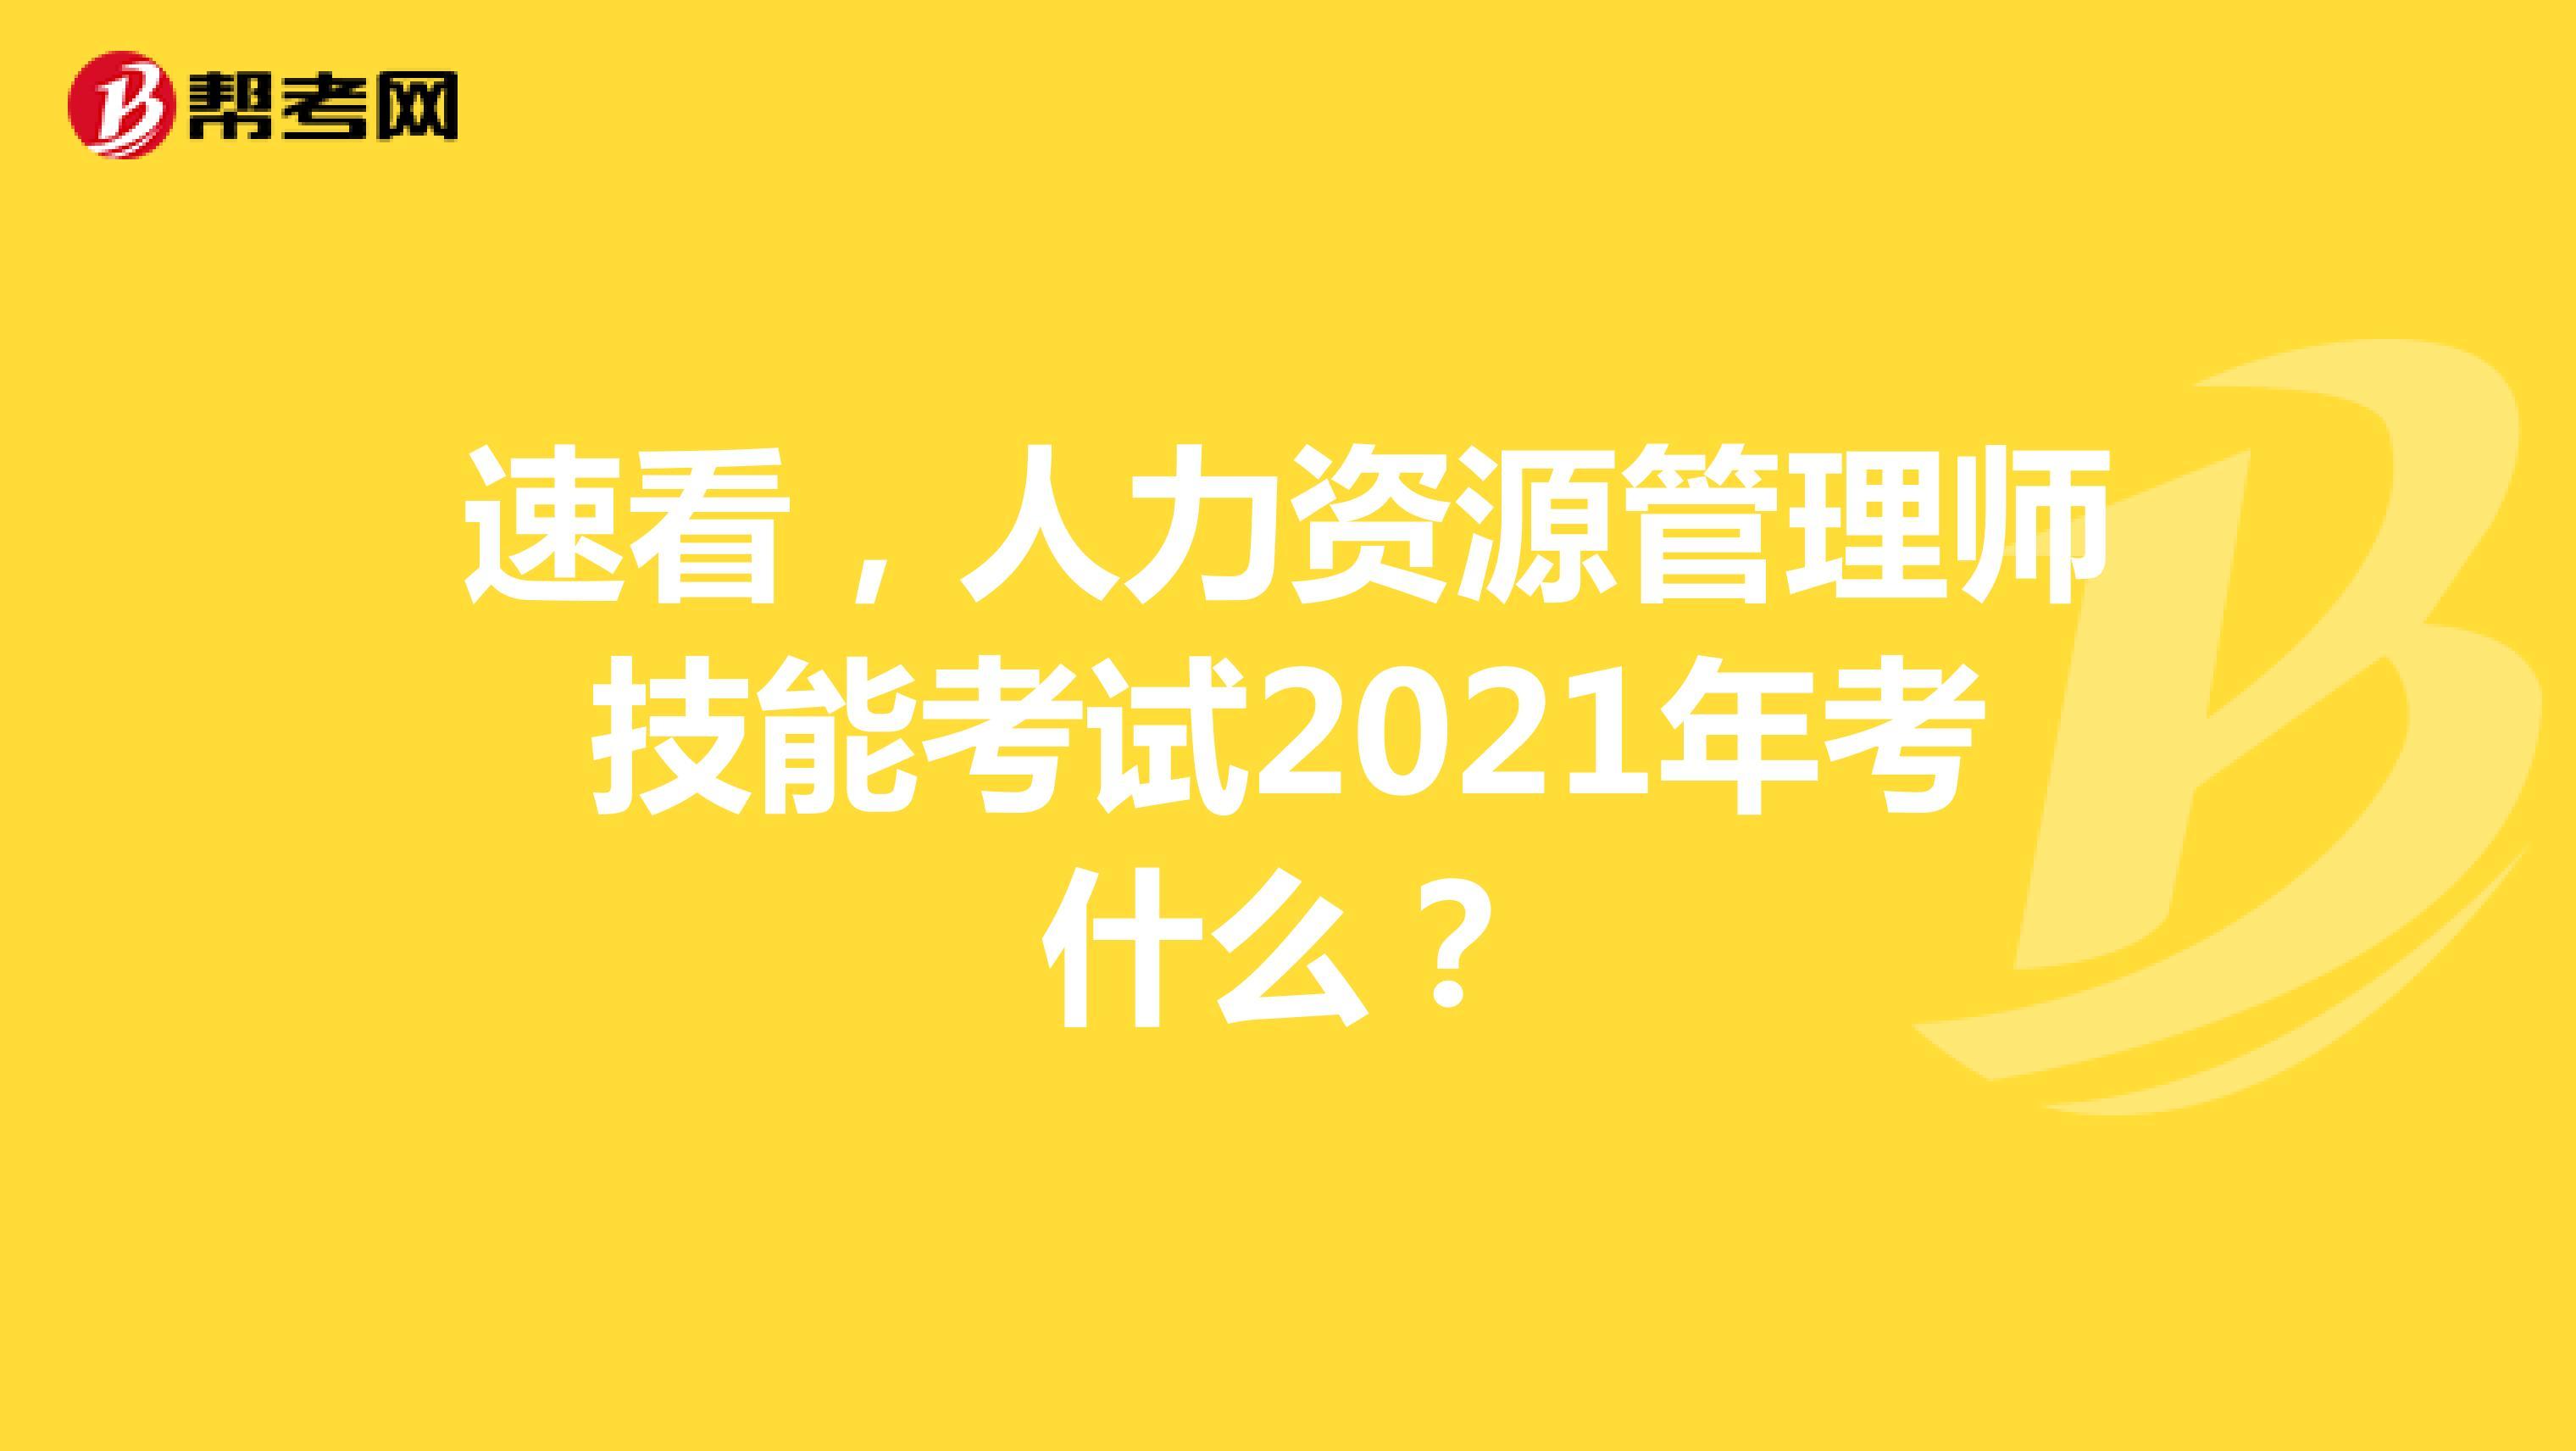 速看,人力資源管理師技能考試2021年考什么?